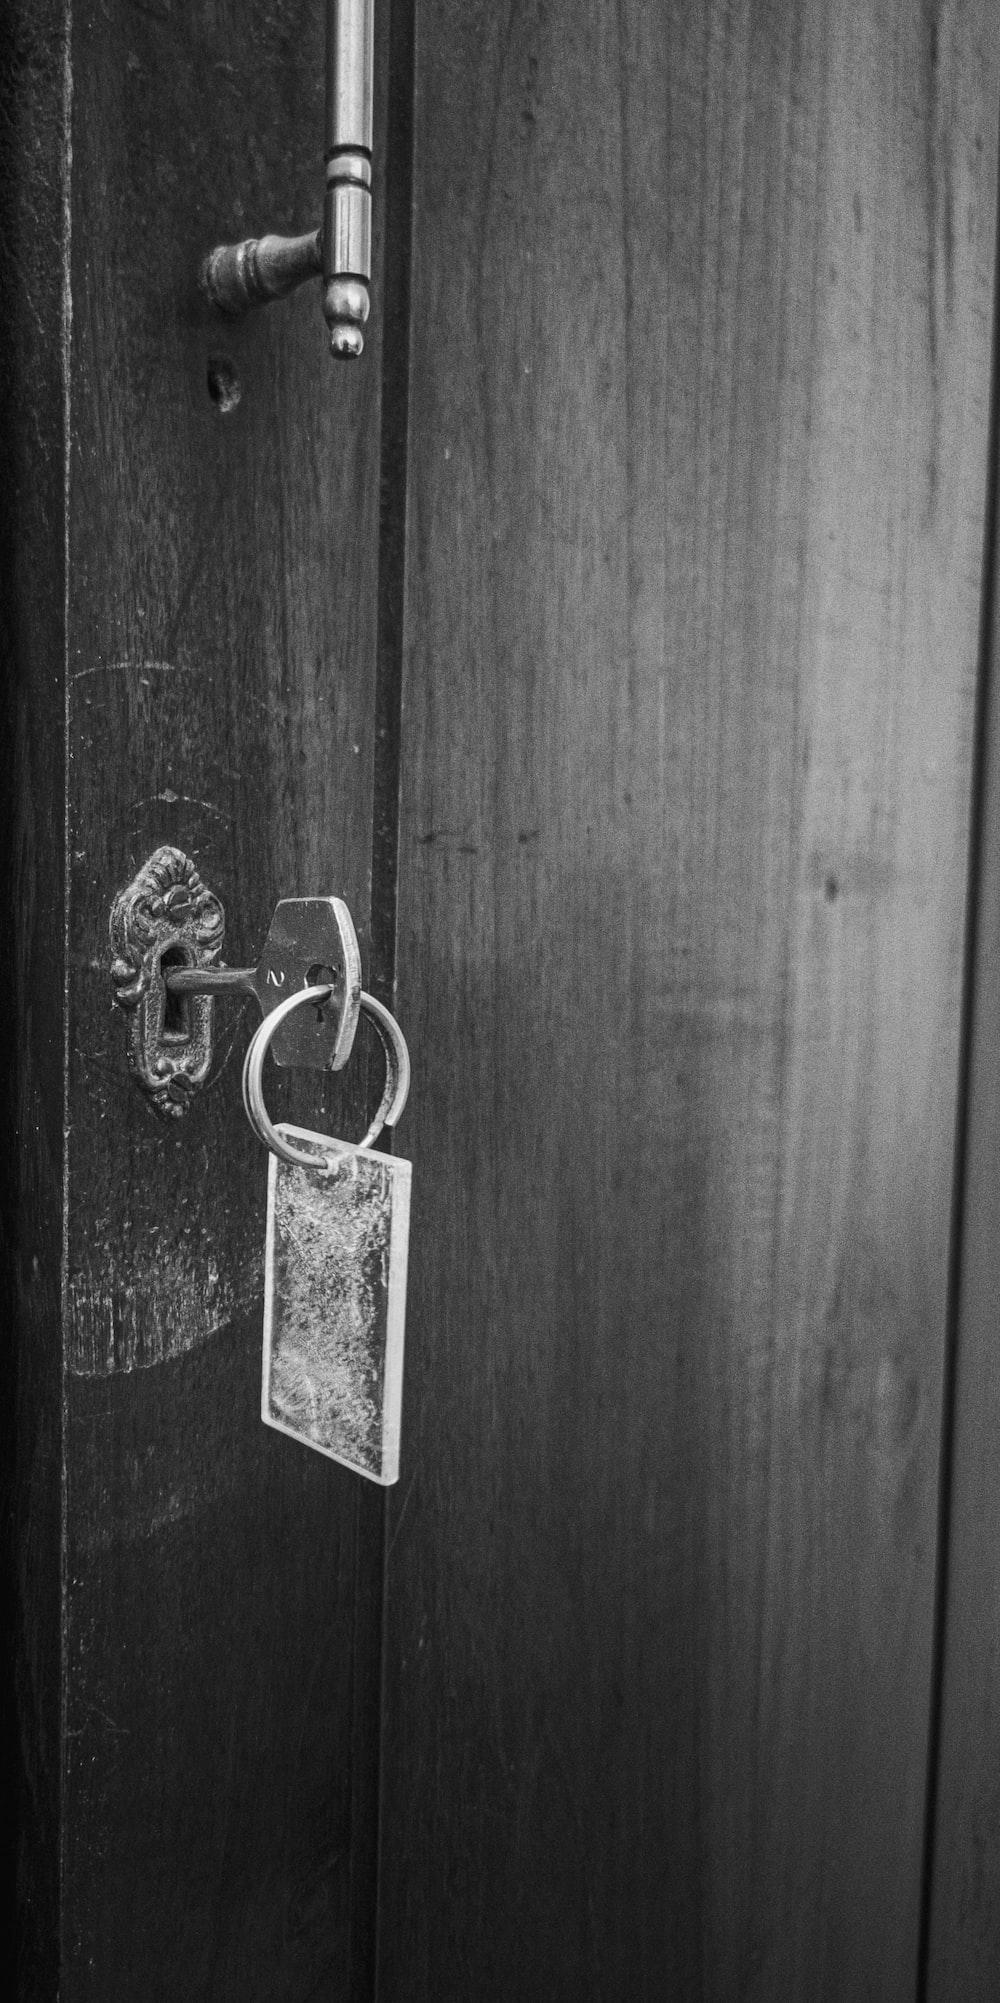 gray padlock on wooden door